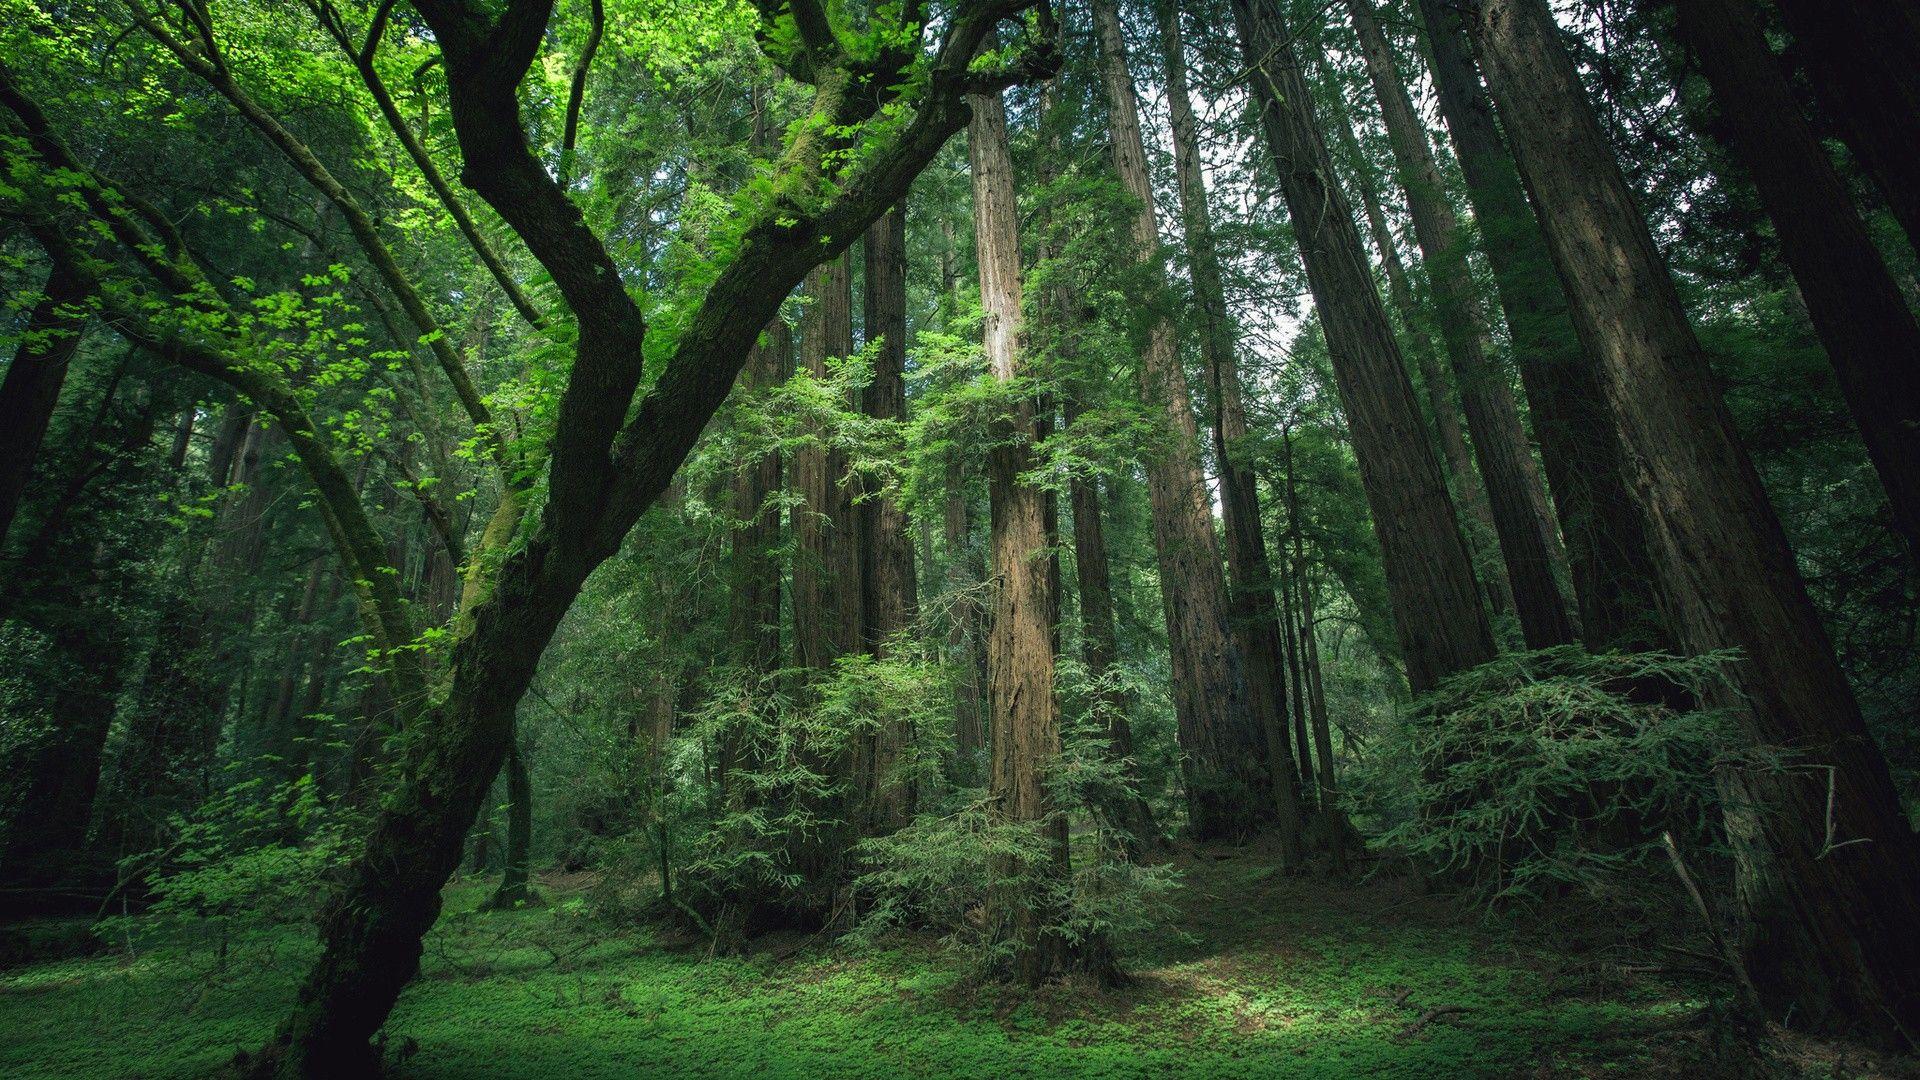 森の中に光が届いていてきれいな光景の壁紙 森 風景 景色